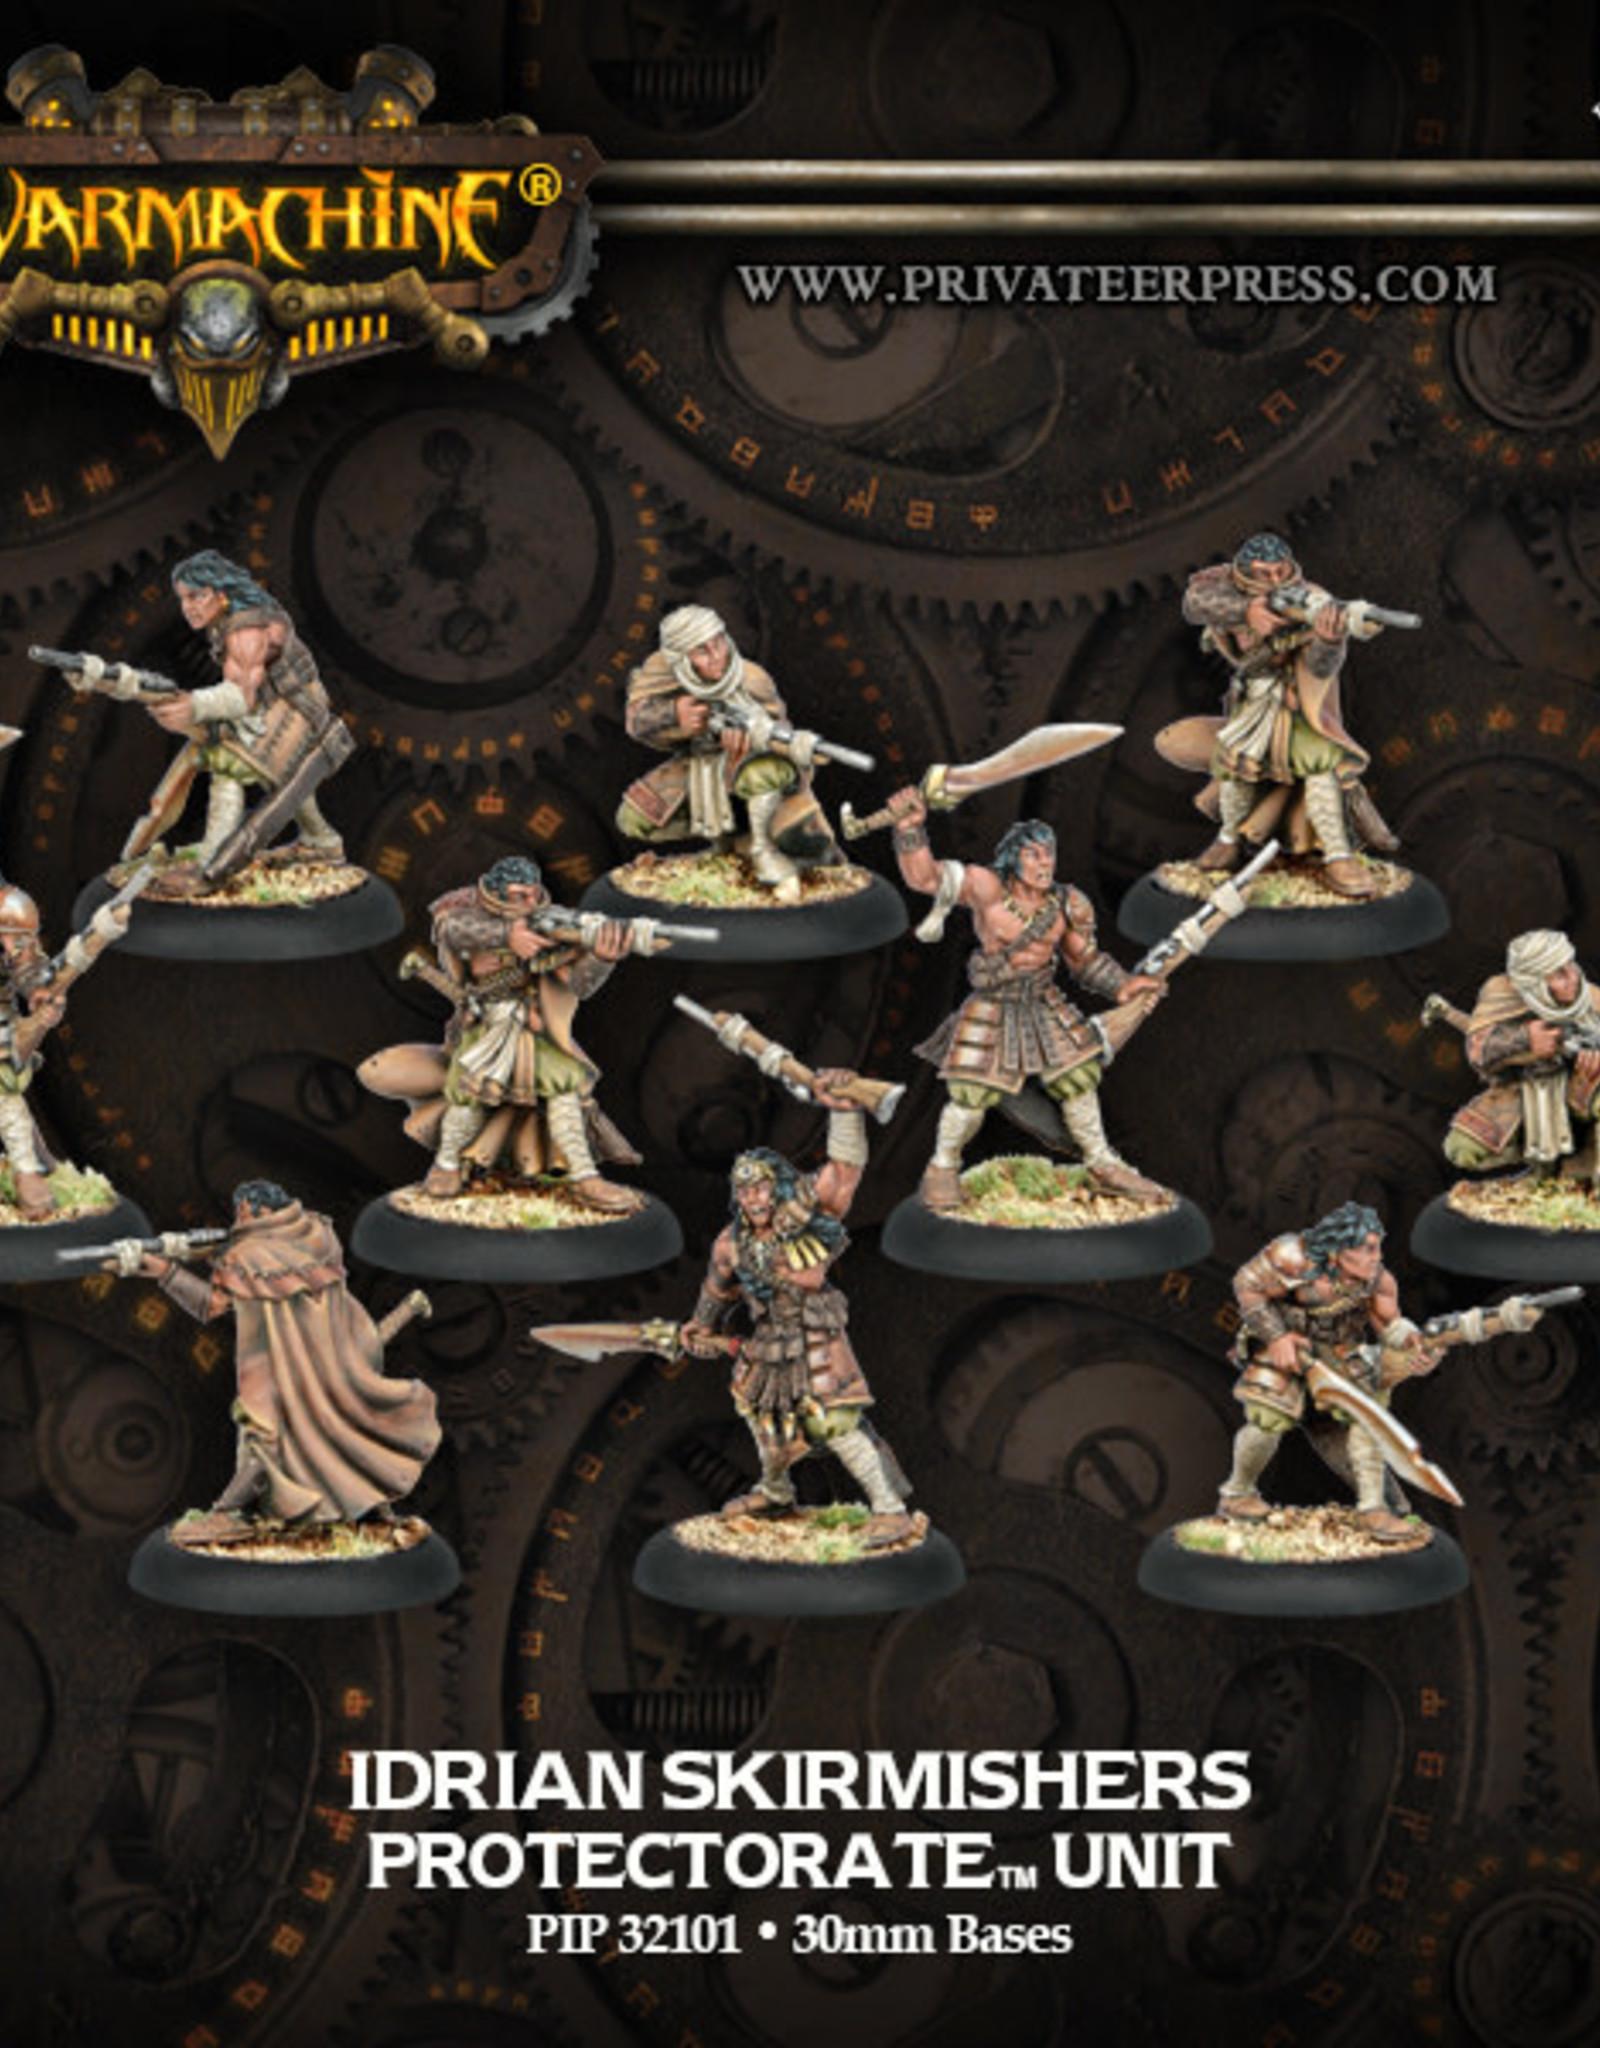 Warmachine Protectorate Idrian Skirmishers